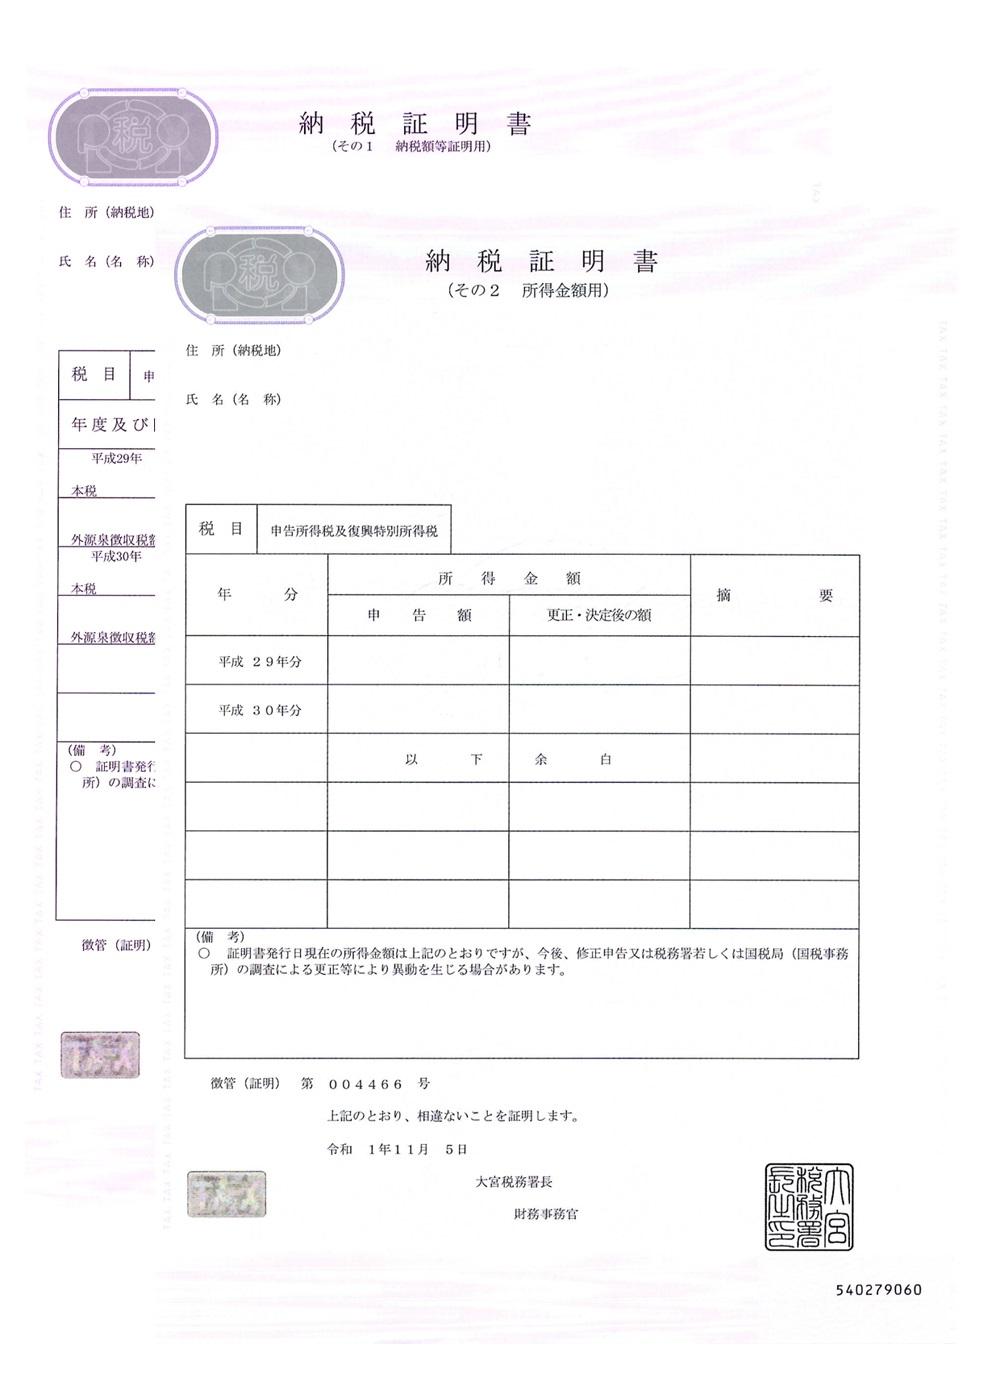 納税証明書(その1・その2)